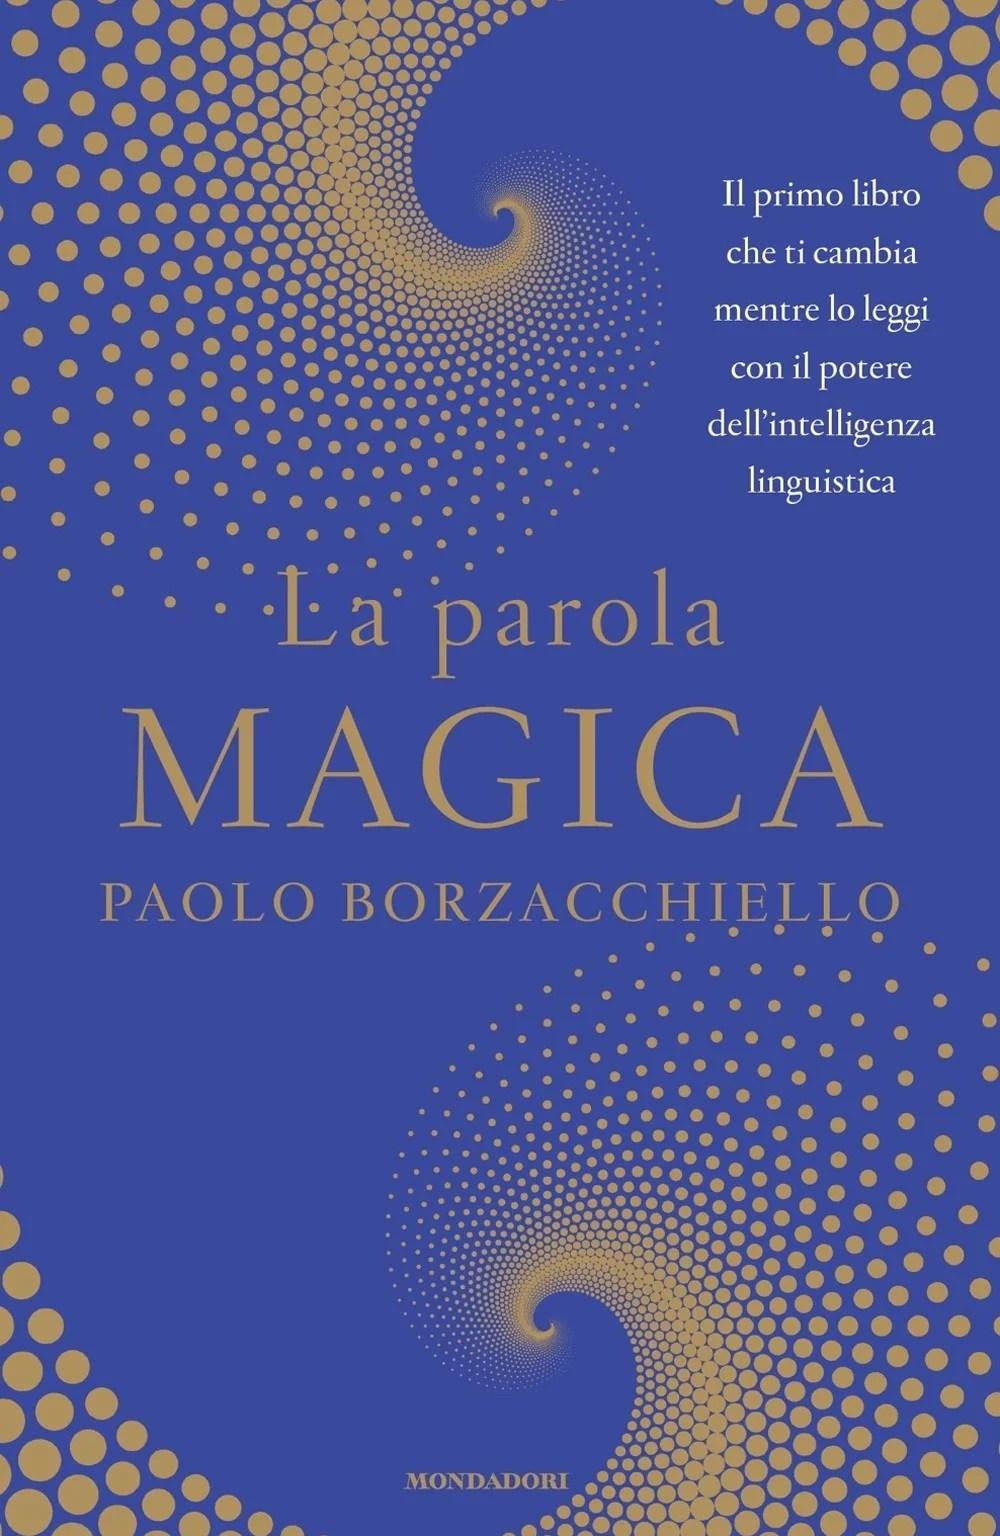 Recensione di La Parola Magica – Paolo Borzacchiello